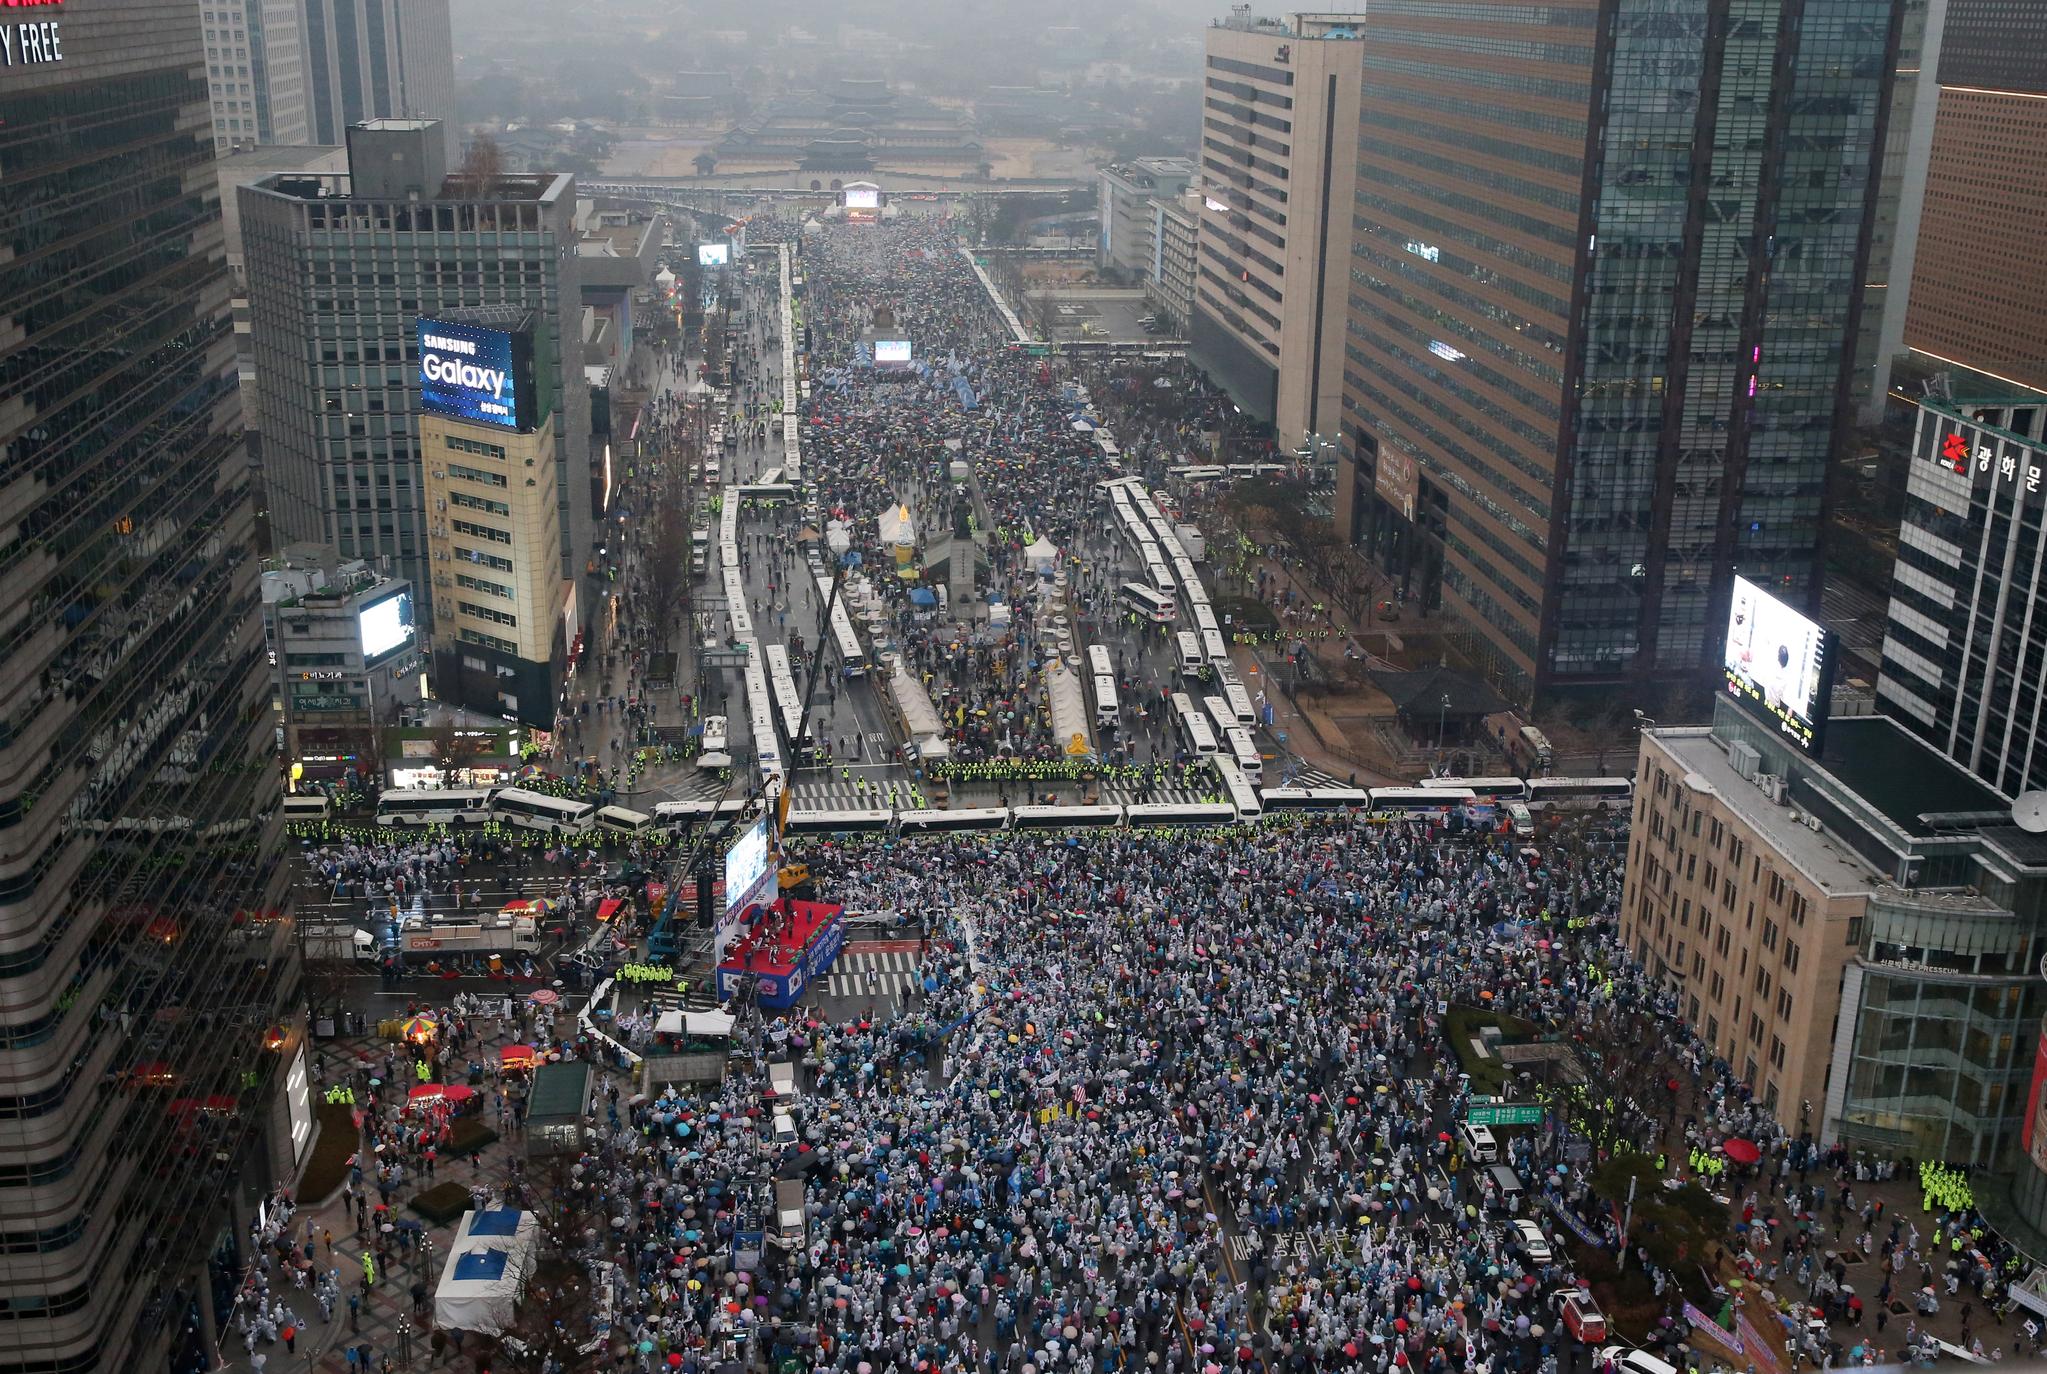 ▶2017년 3월1일 서울 세종로에서 경찰차벽을 사이에 두고 탄핵반대 태극기집회는 남쪽,탄핵찬성 촛불집회는 북쪽에서 세겨루기를 했다